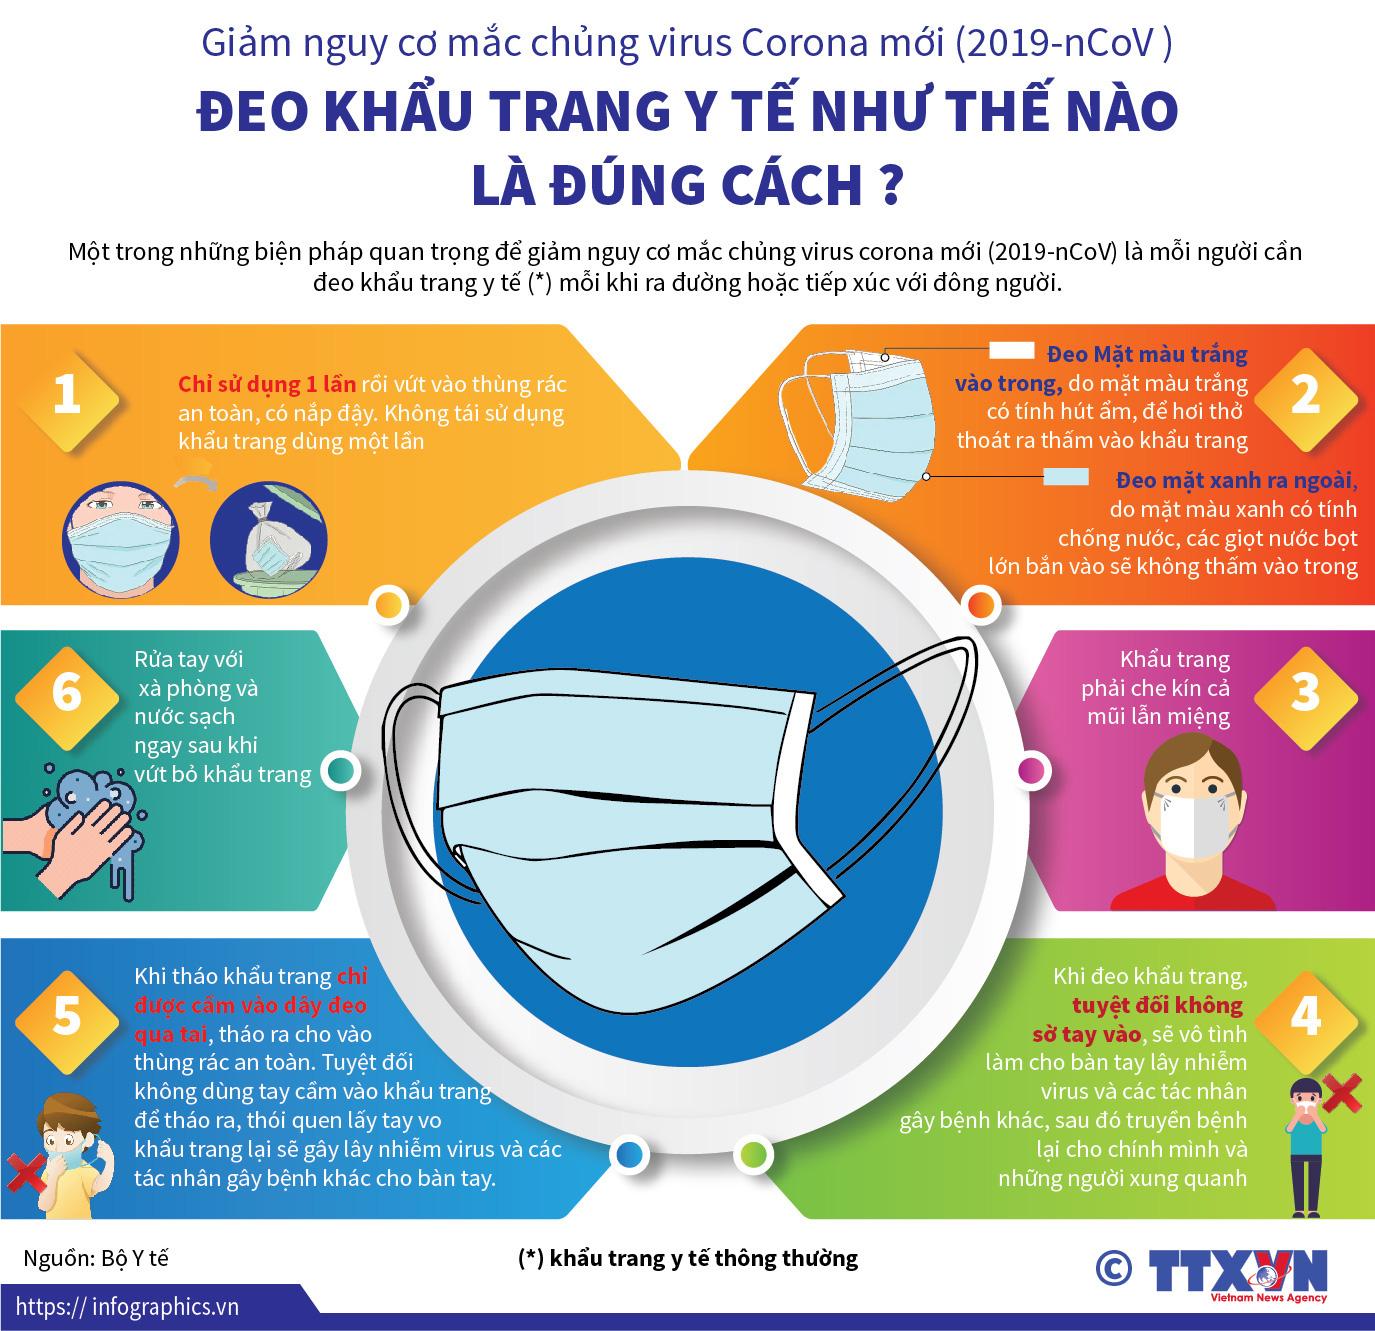 2 tuần tới là thời gian quyết định trong công tác chống dịch Covid-19 ở Việt Nam: Đây là những điều người dân cần làm để hạn chế sự lây lan trong cộng đồng - Ảnh 2